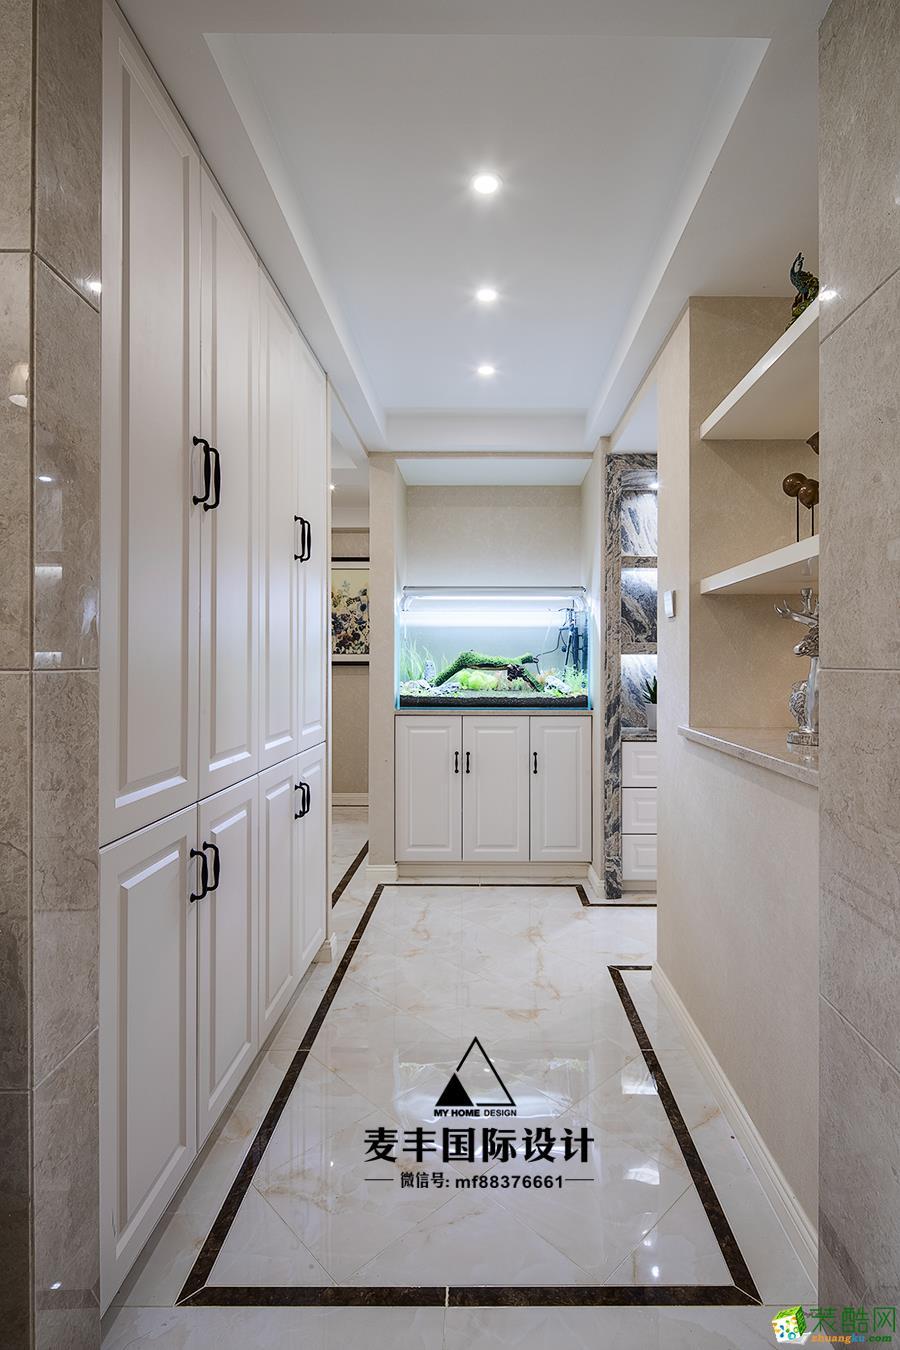 临安133平米三室两厅装修―麦丰装饰简美风格设计效果图